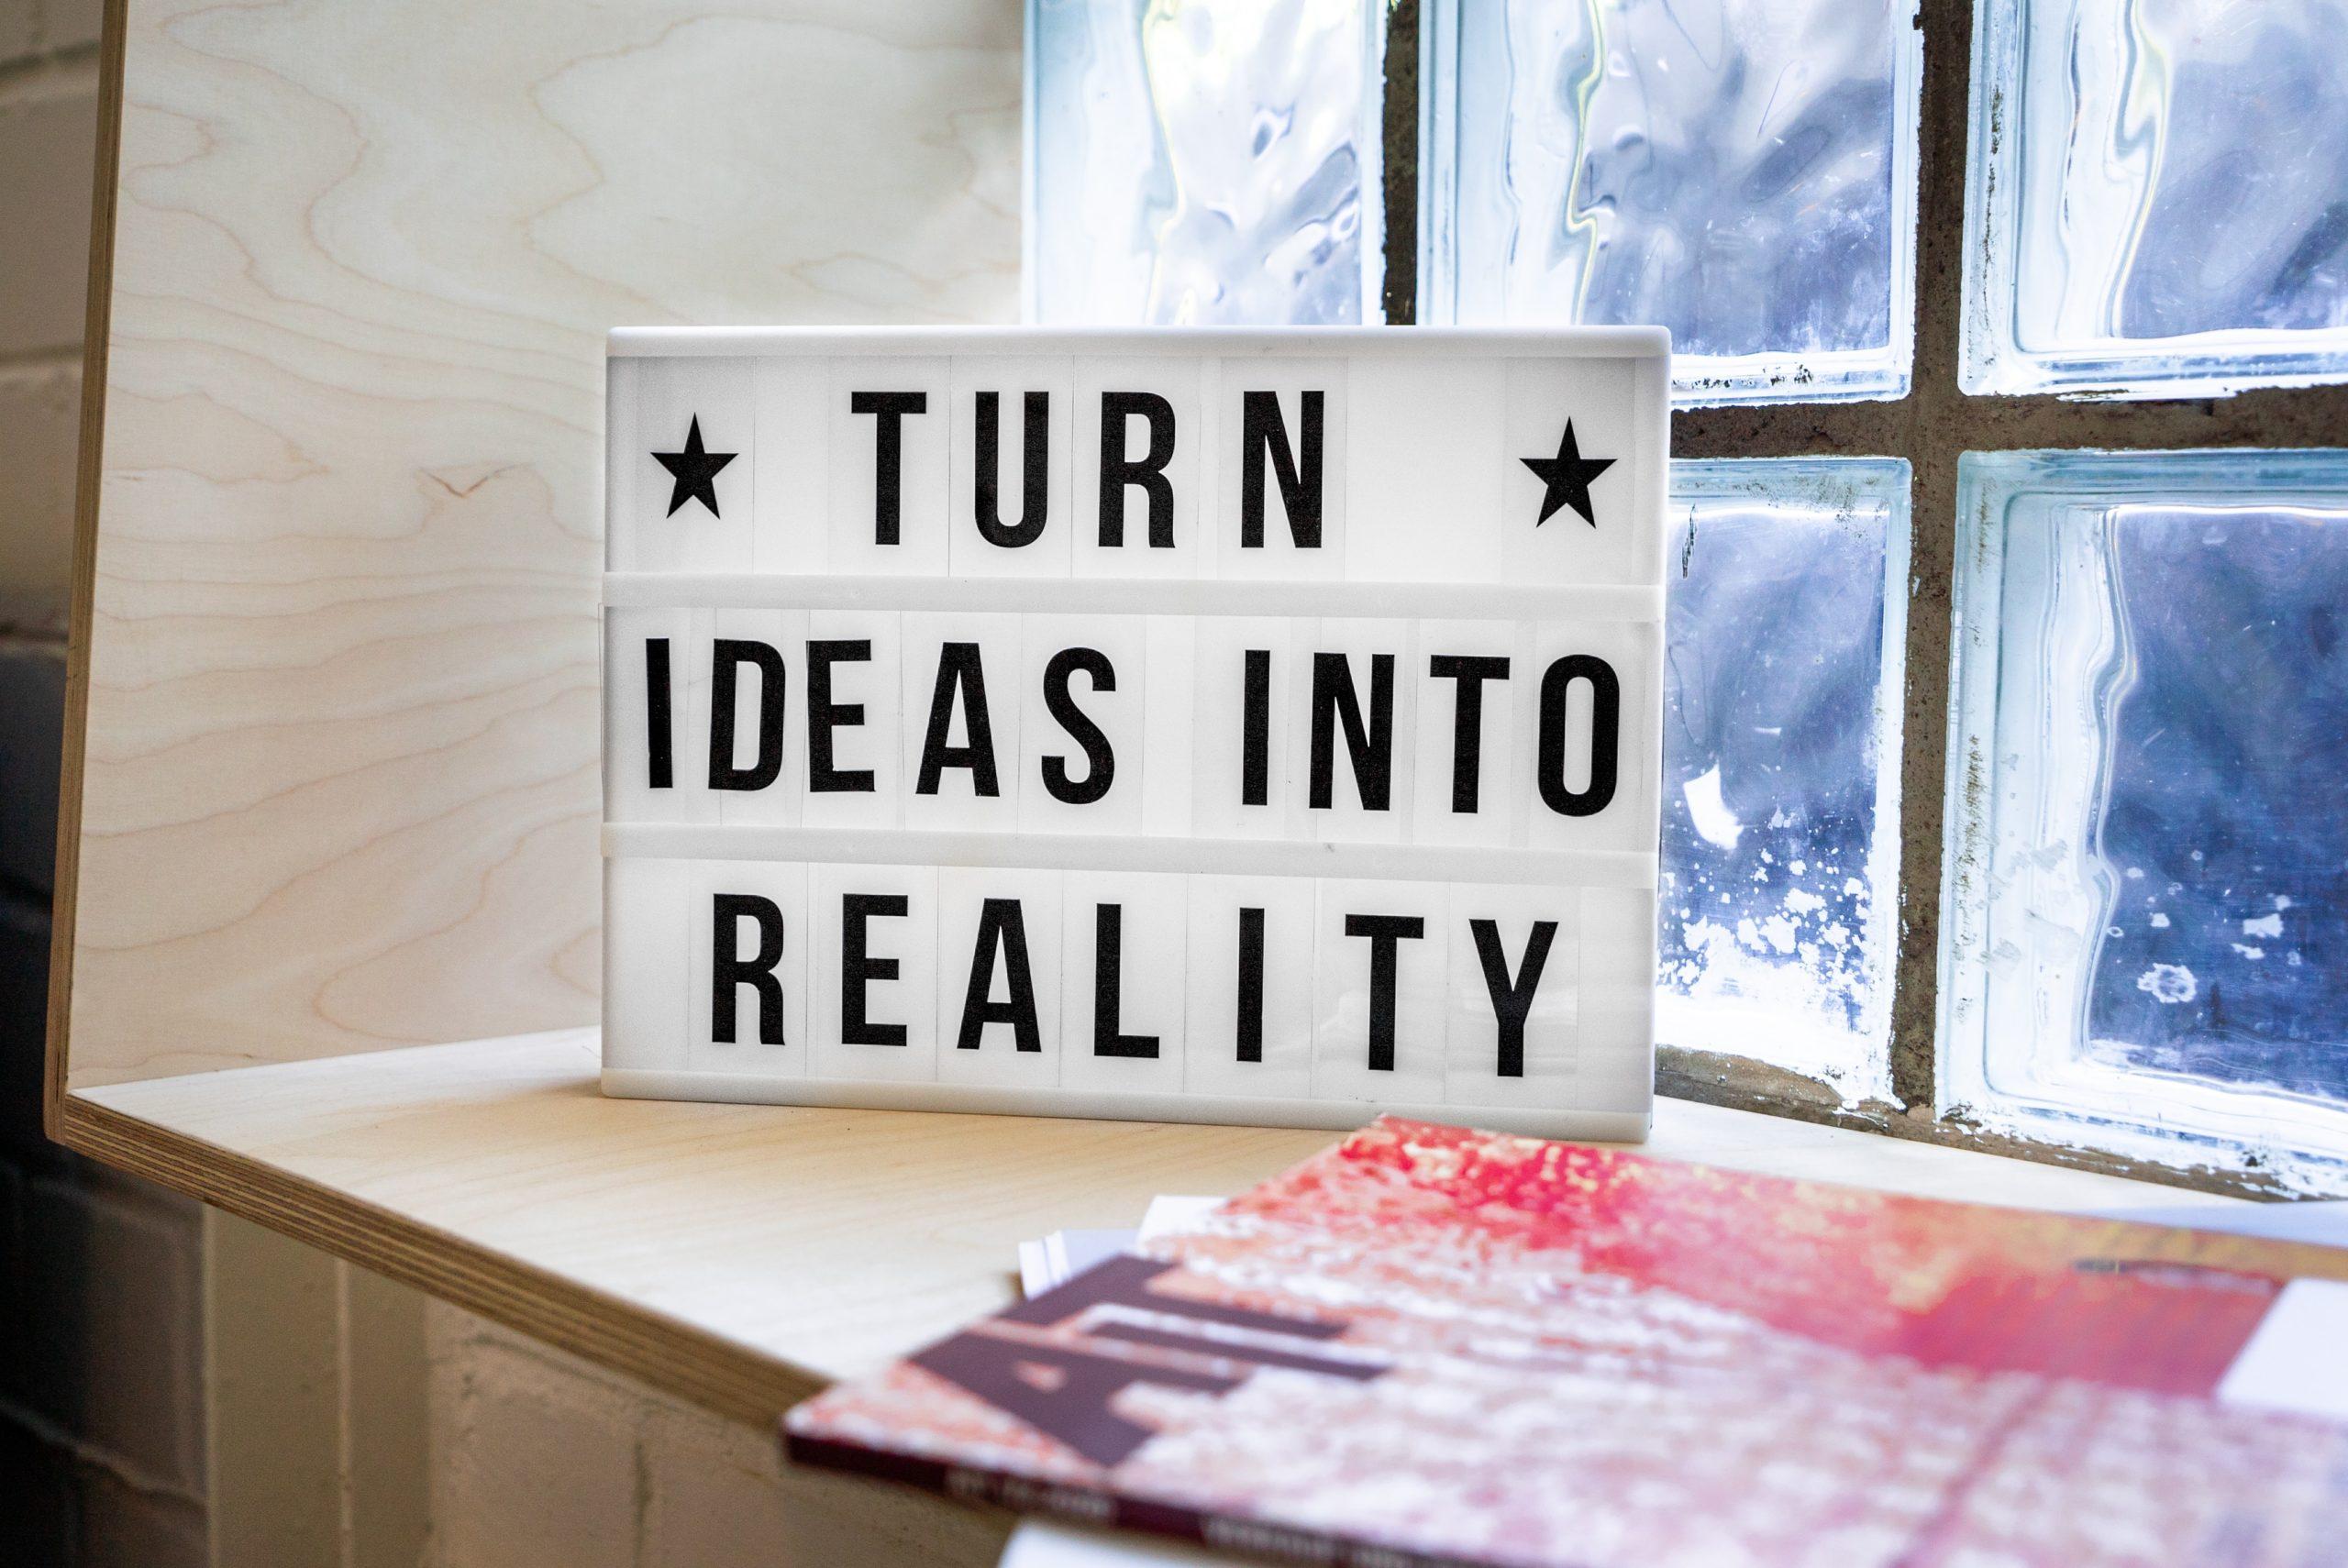 New Work: Utopischer Zukunftstrend oder revolutionäre Realität?